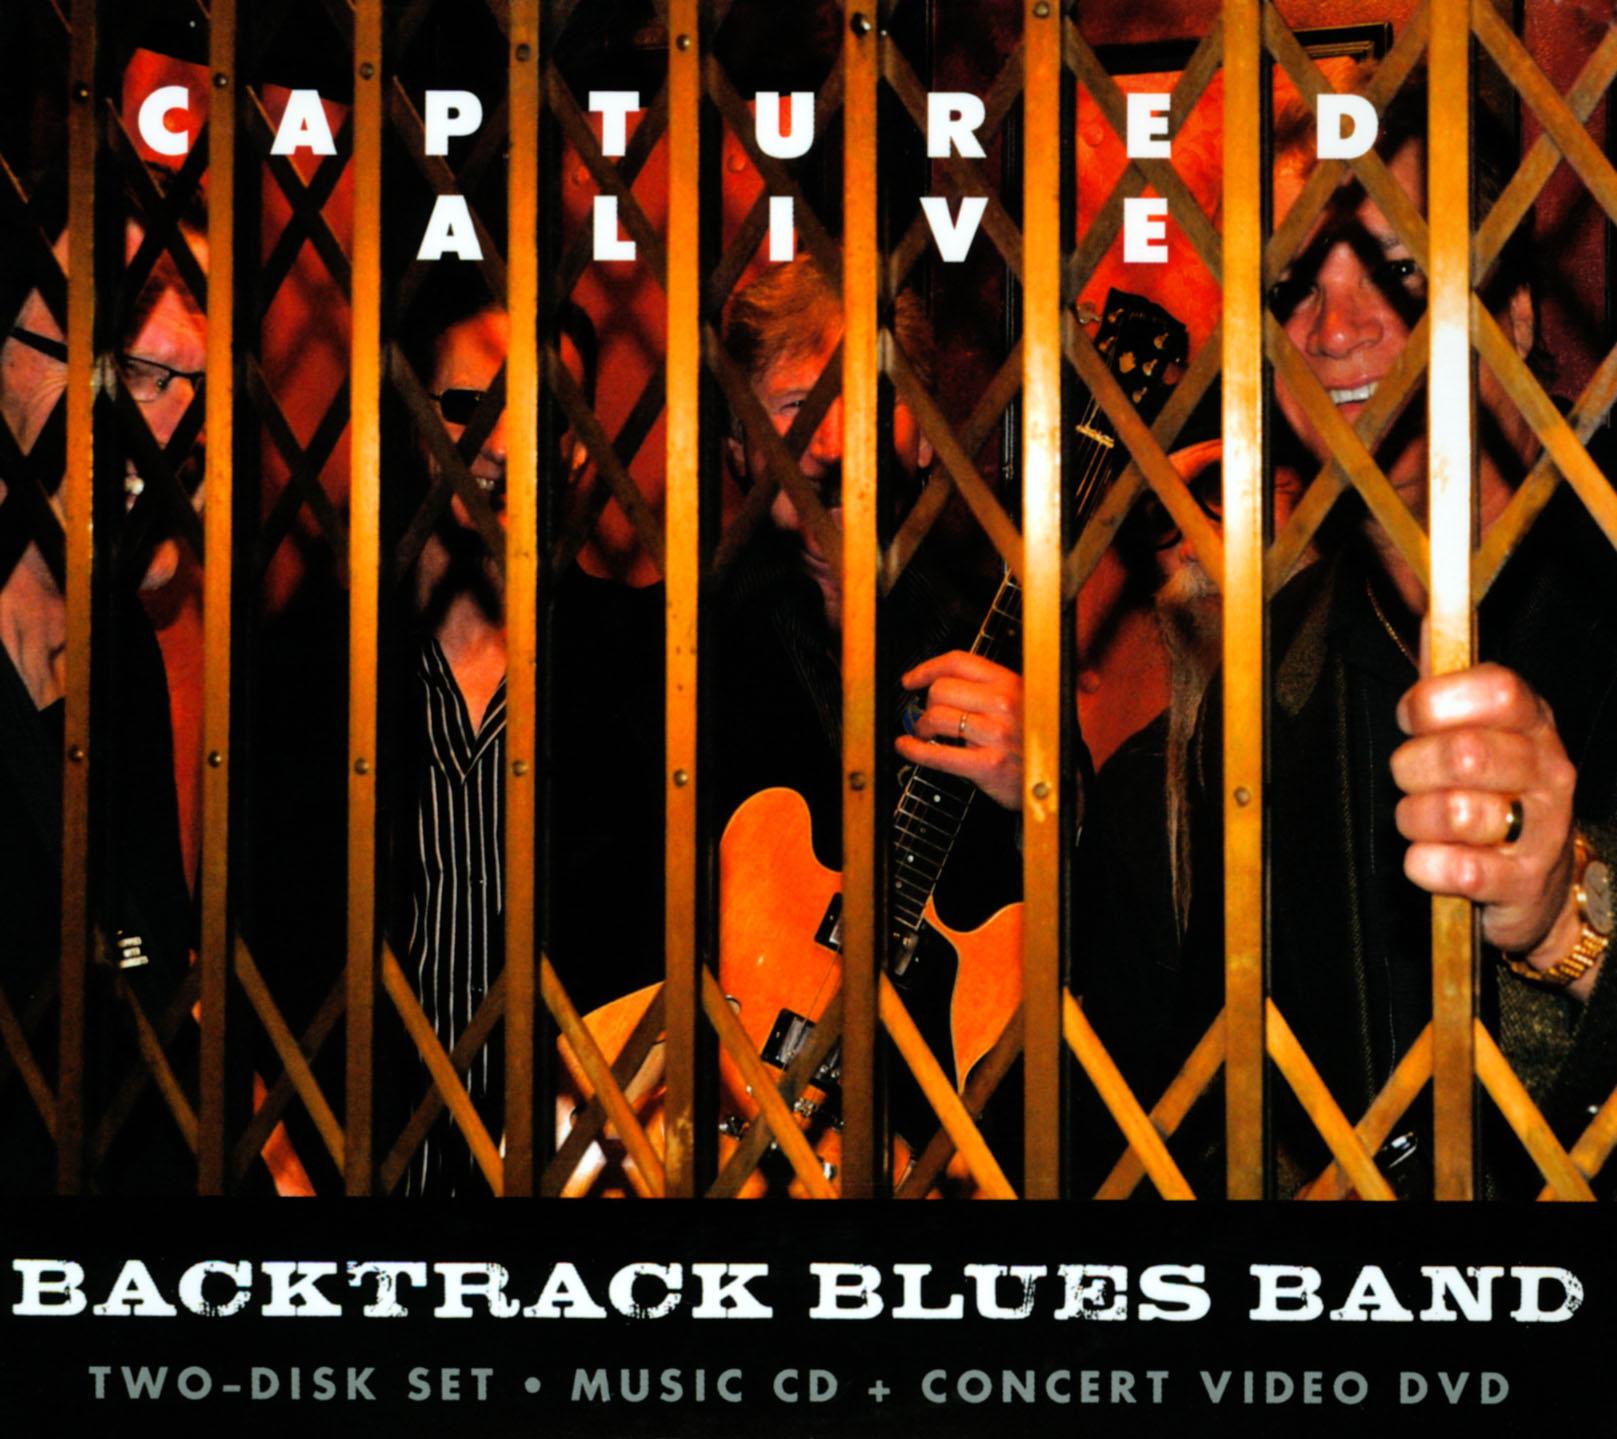 Backtrack Blues Band: Captured Alive - Concert Video